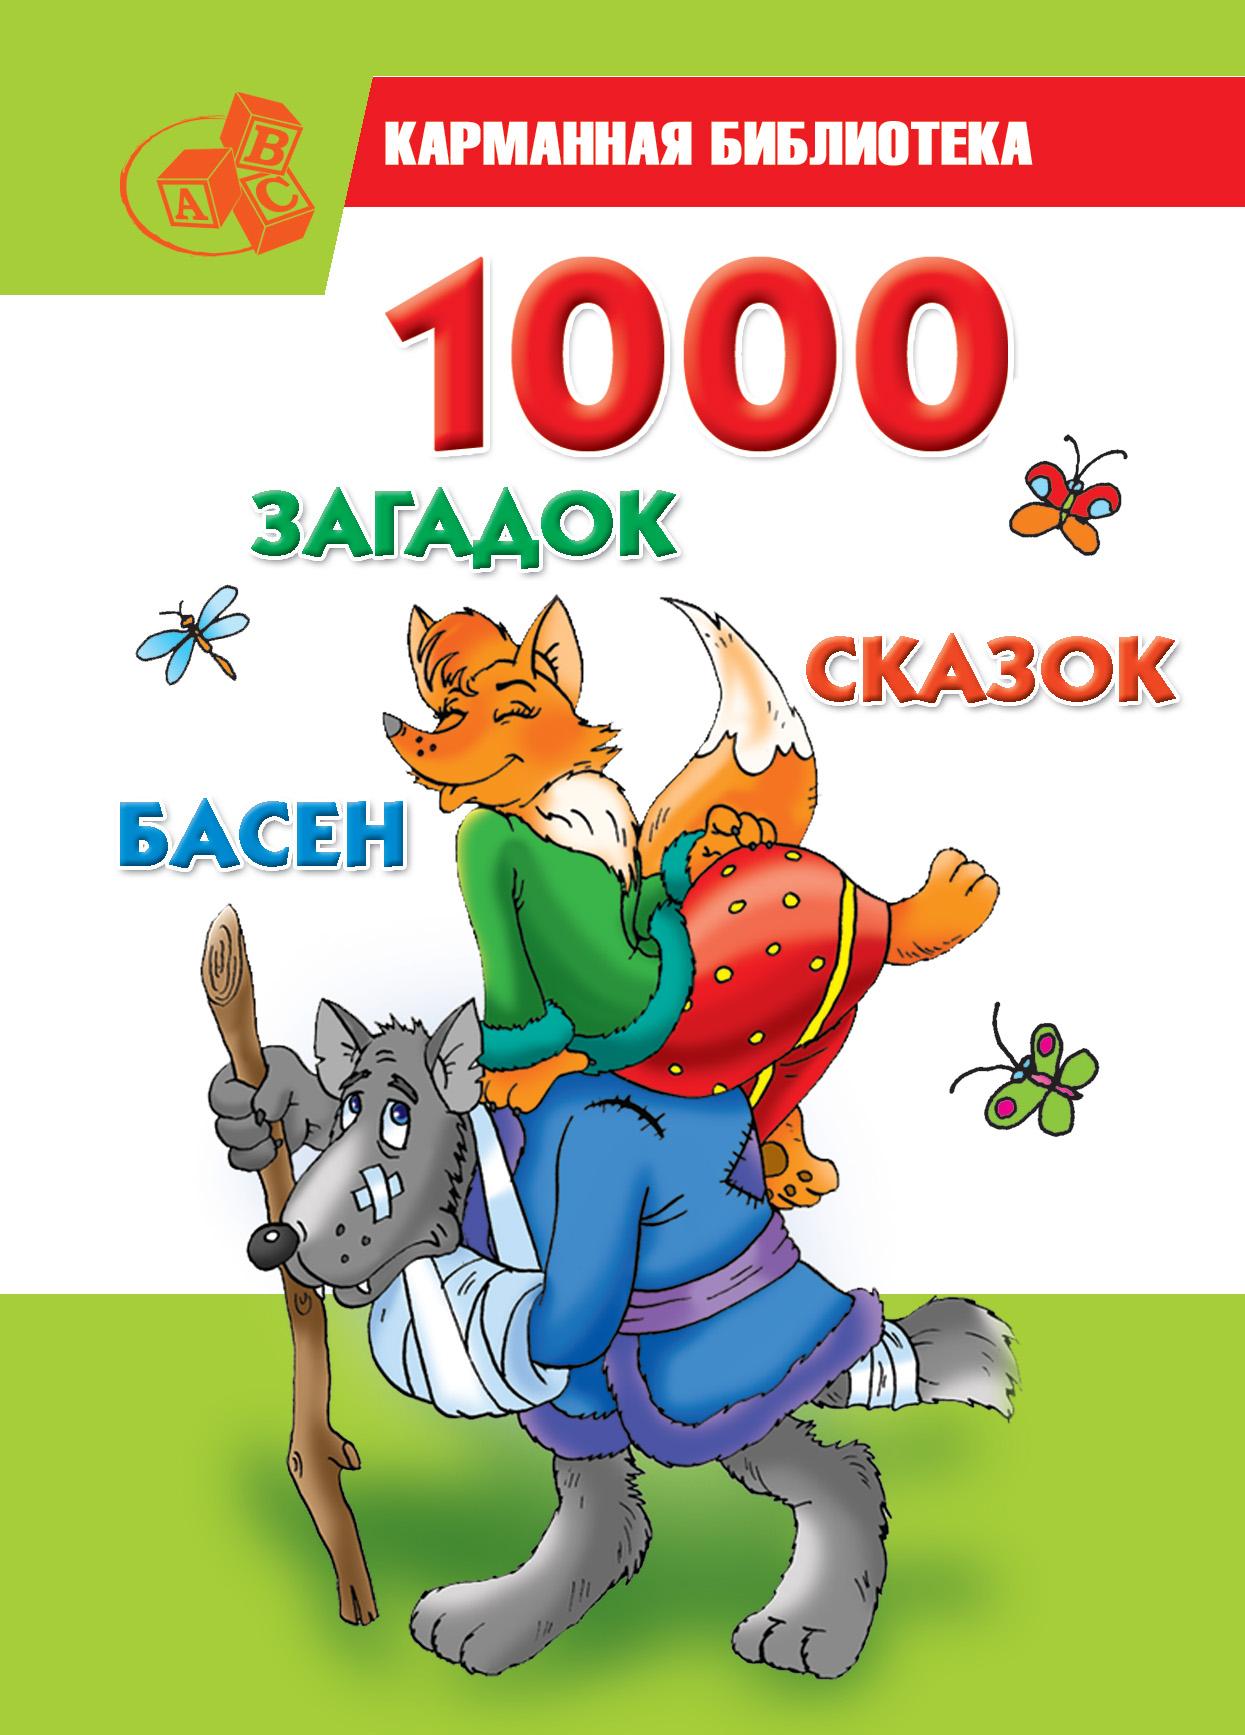 Отсутствует 1000 загадок, сказок, басен жаркова д ред кот воркот сб русских нар сказок песенок и загадок рисунки ю васнецова